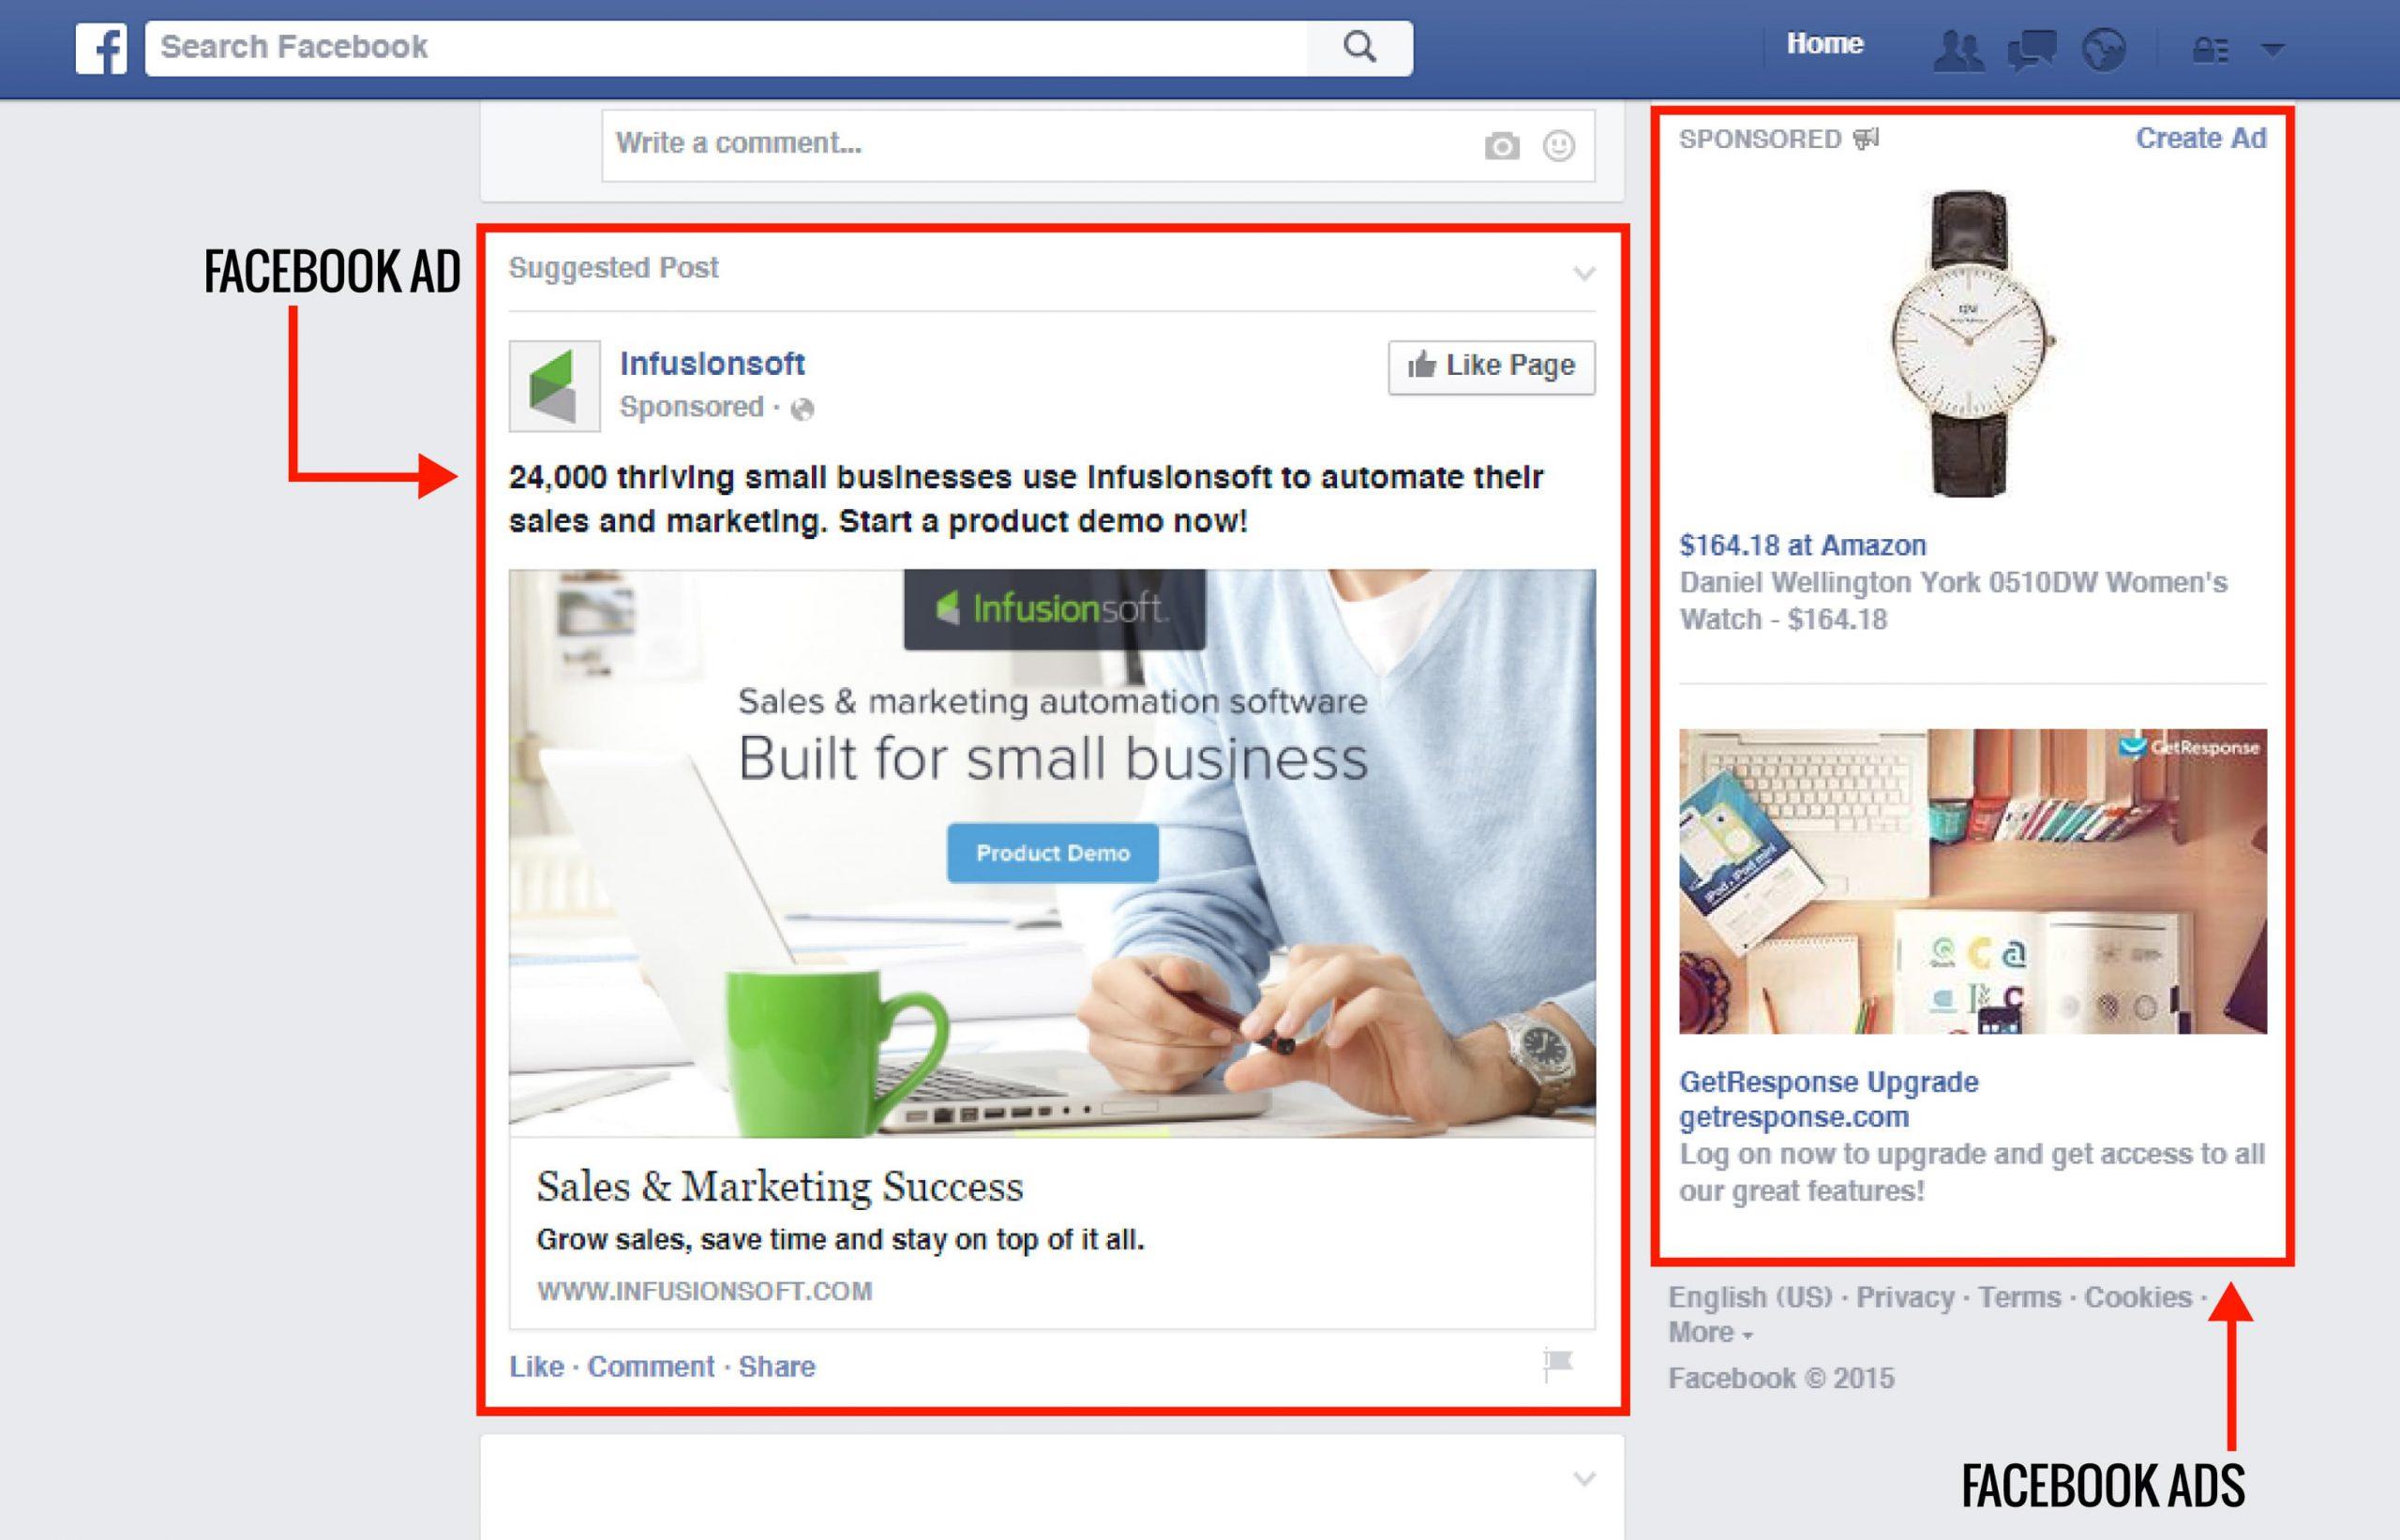 تبلیغات درشبکه های اجتماعی فیس بوک